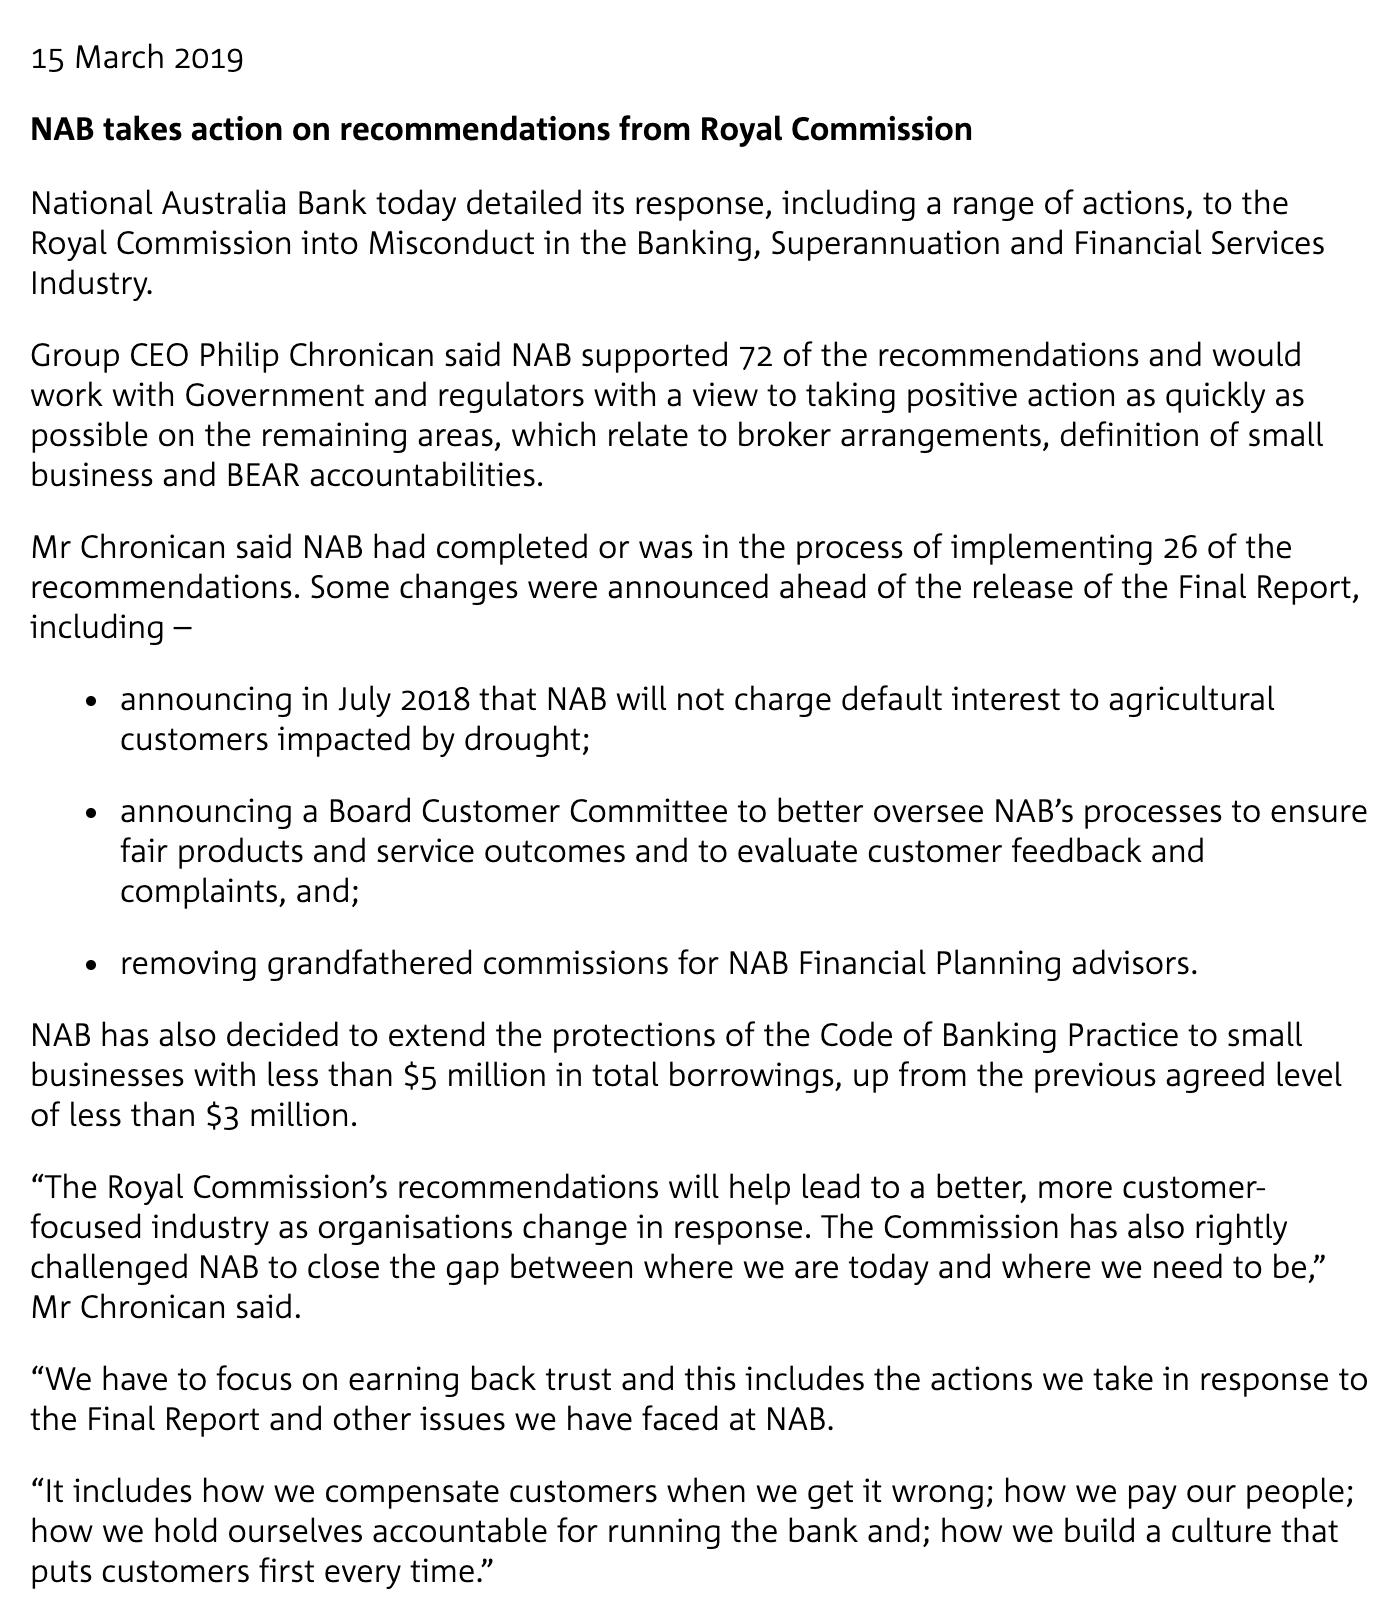 https://news.nab.com.au/royal-commission/